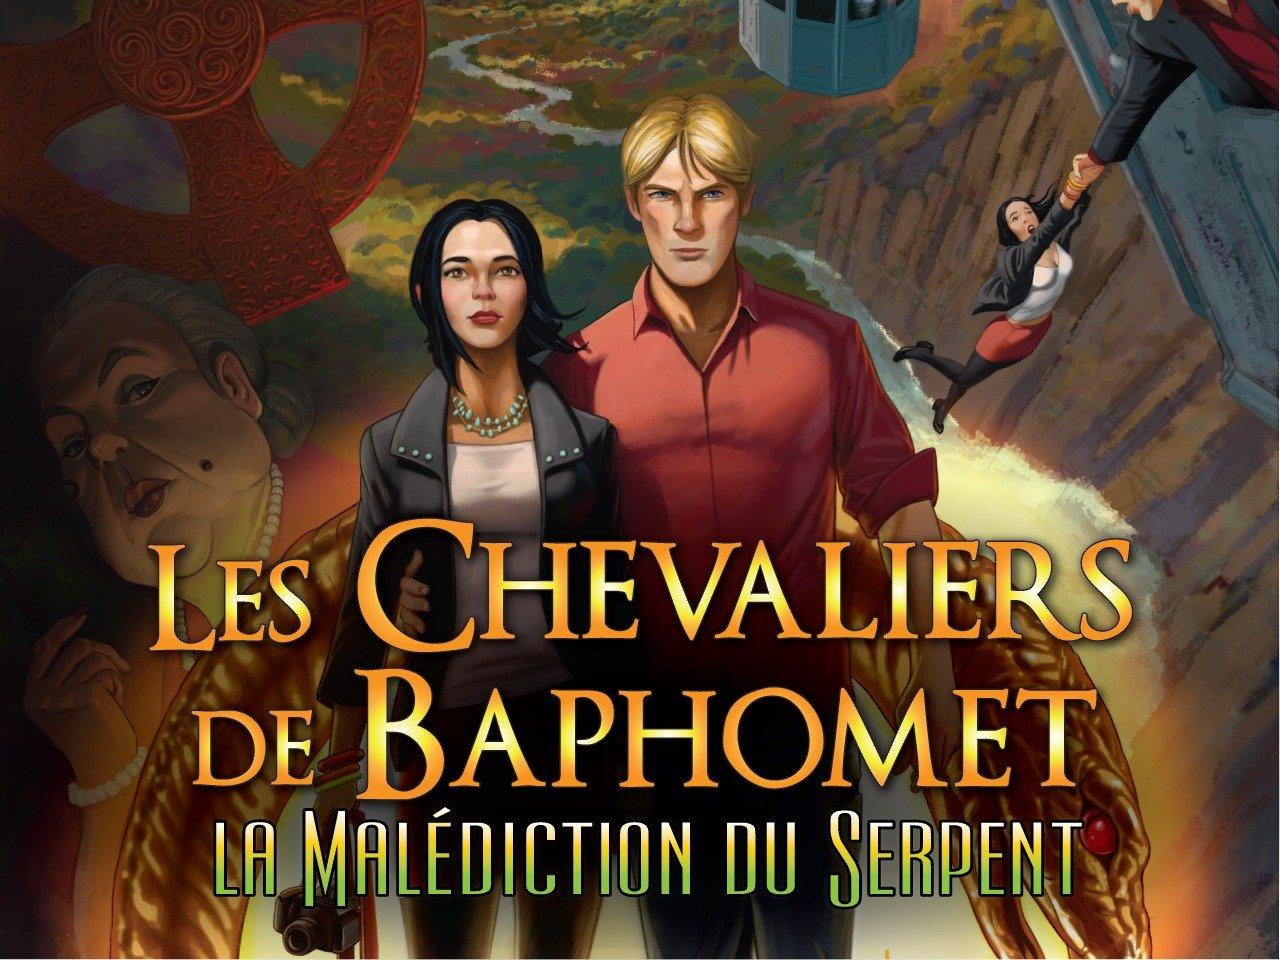 les chevaliers de baphomet 1 pc gratuit